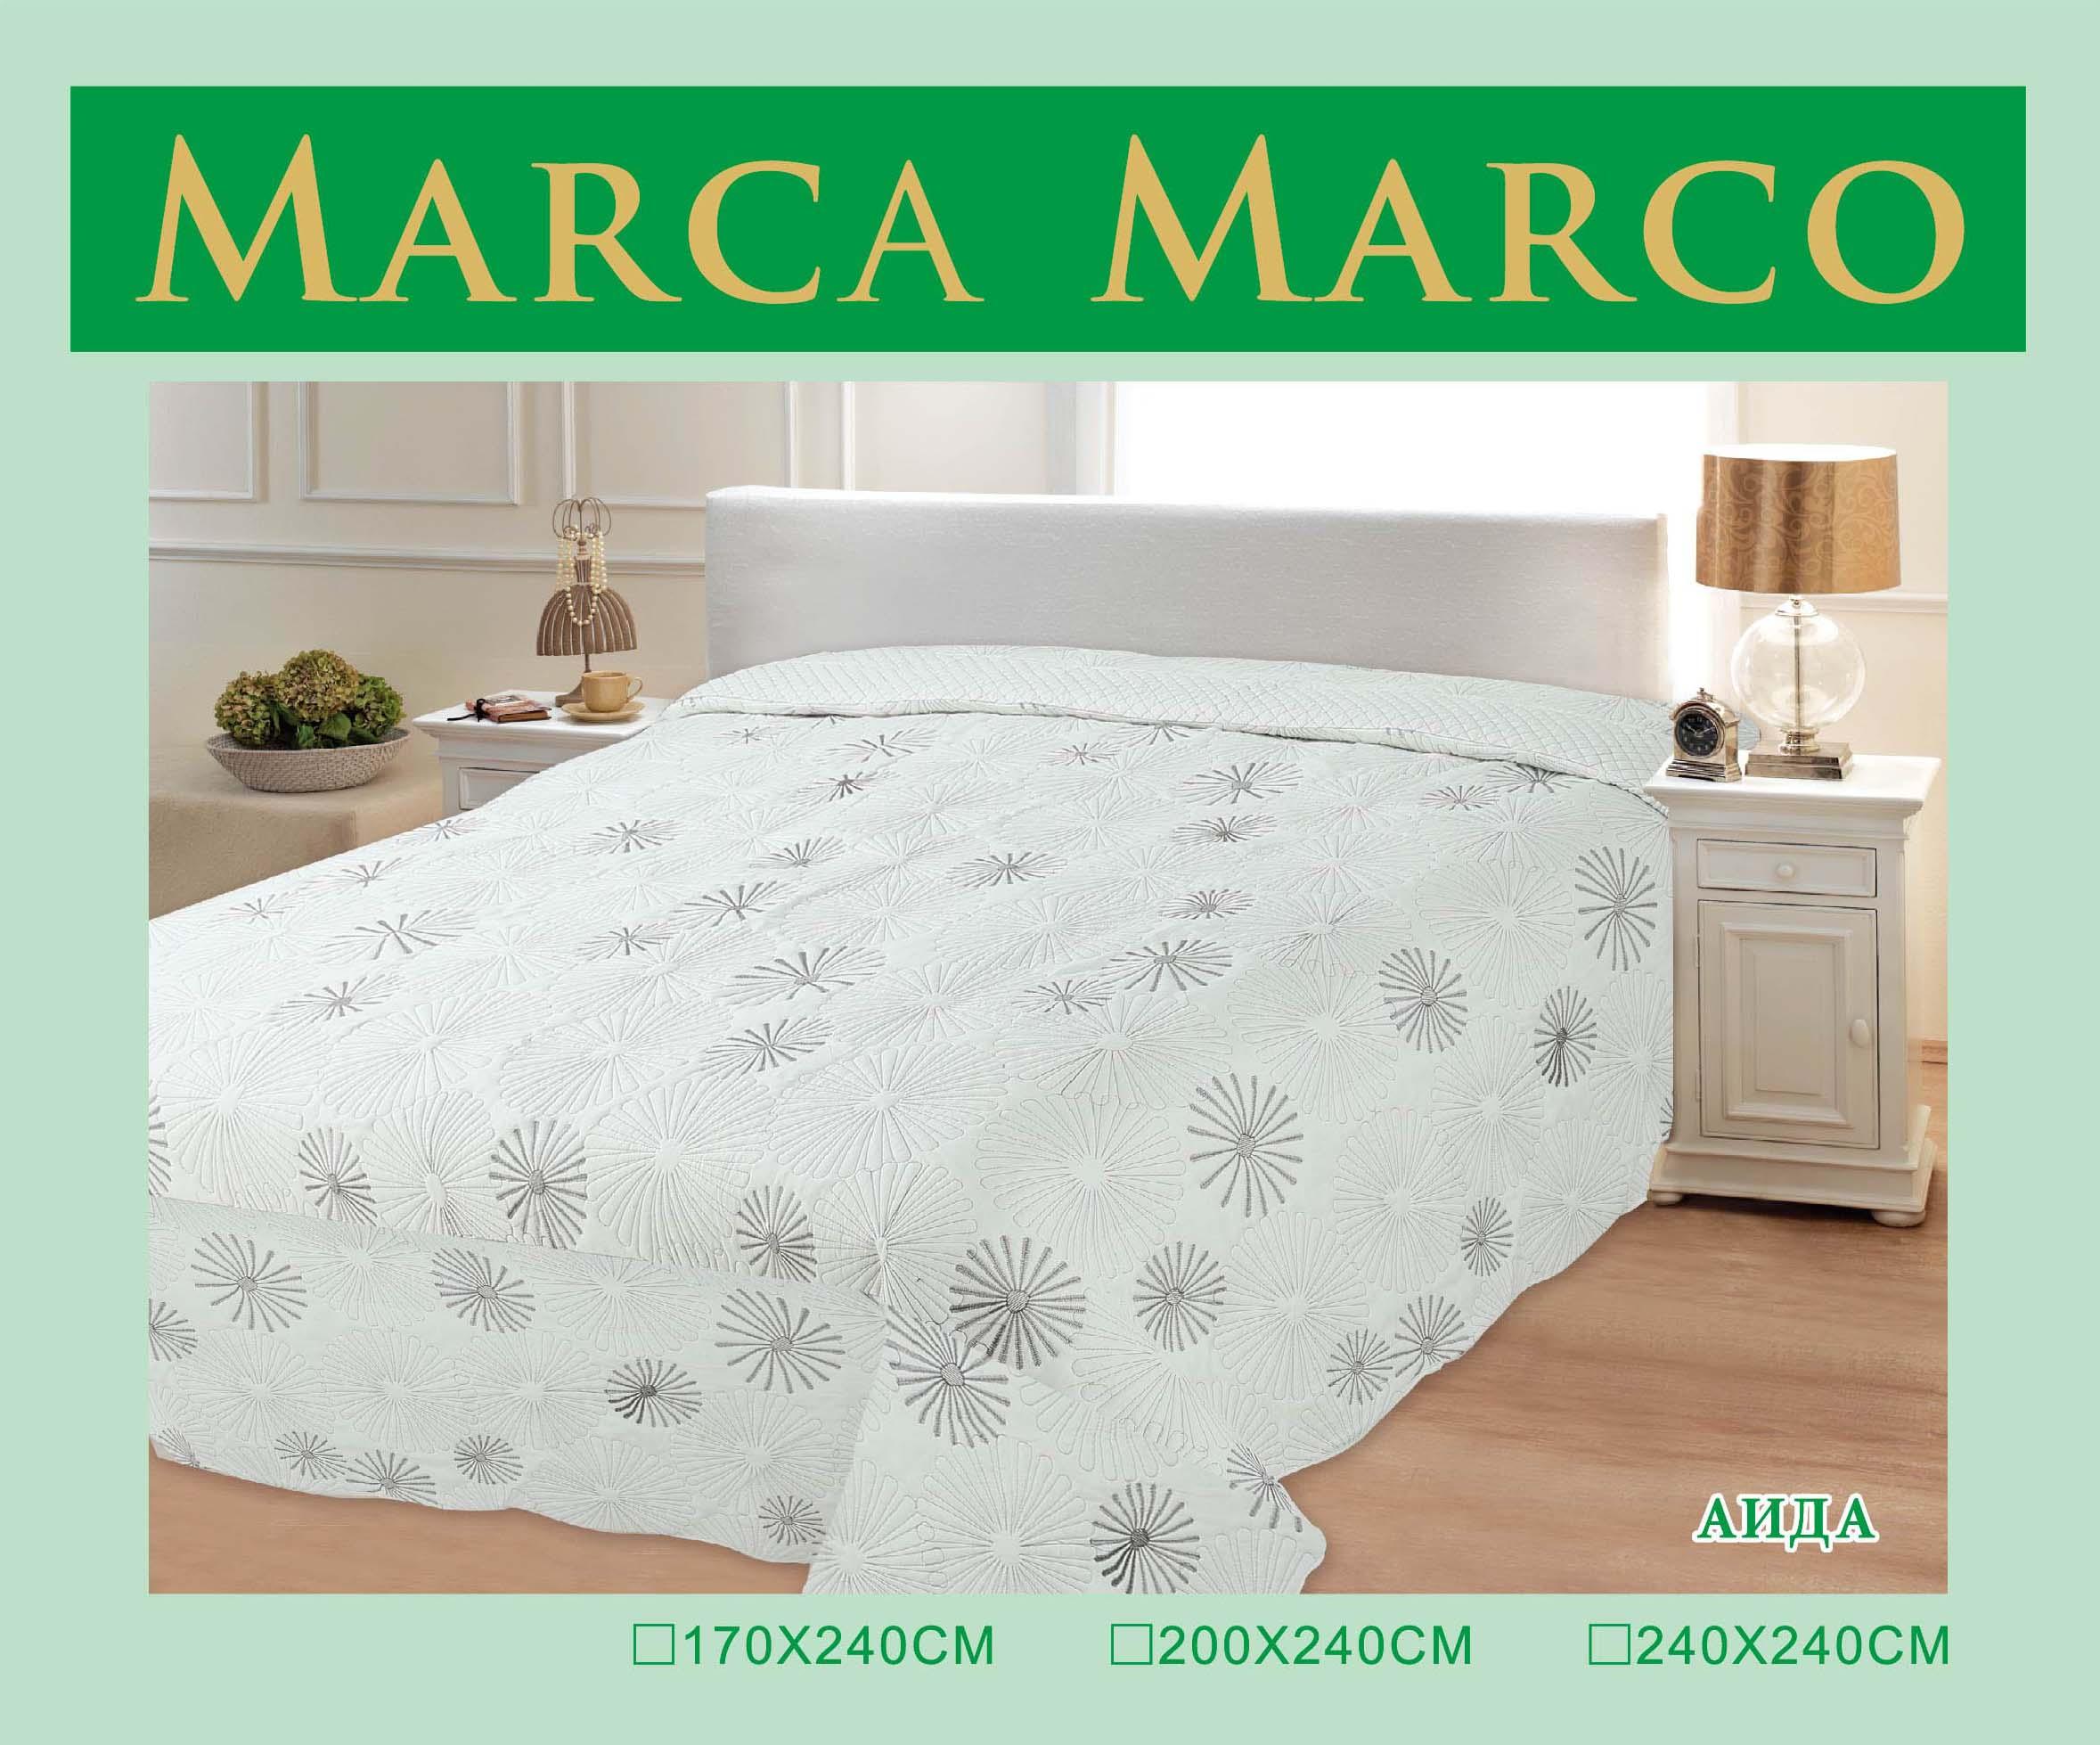 Покрывало MАRCA MARCO Покрывало Аида (170х240 см) dorothy s нome покрывало принт мурманск 2 сп 170х240 микрофибра стежка